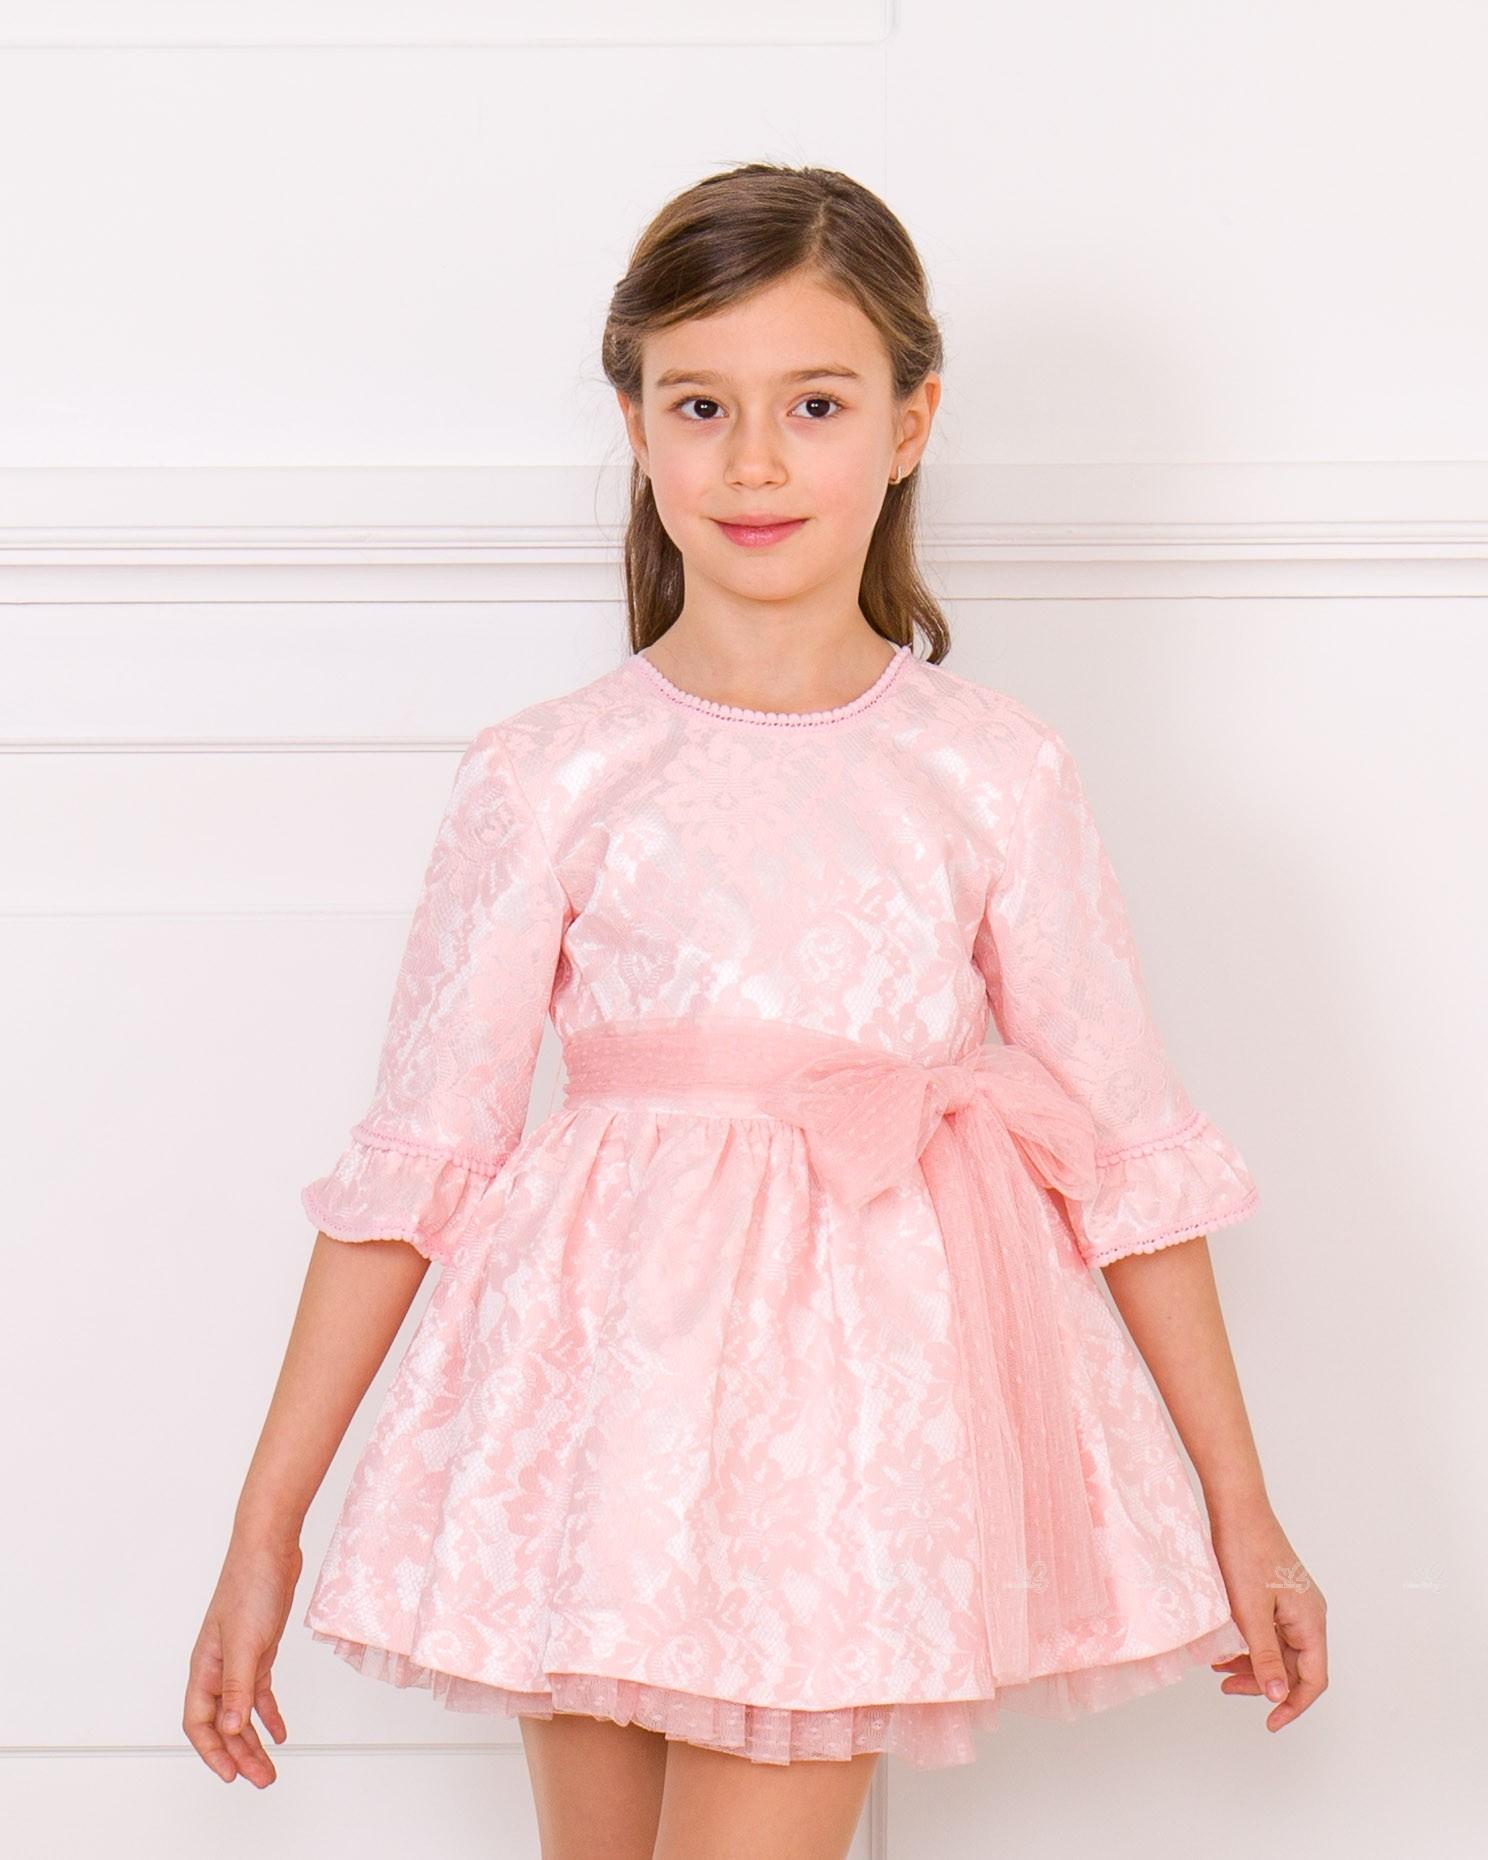 fca2b1645 ... Vestido Niña Ceremonia Manga Francesa Raso   Encaje Rosa ...